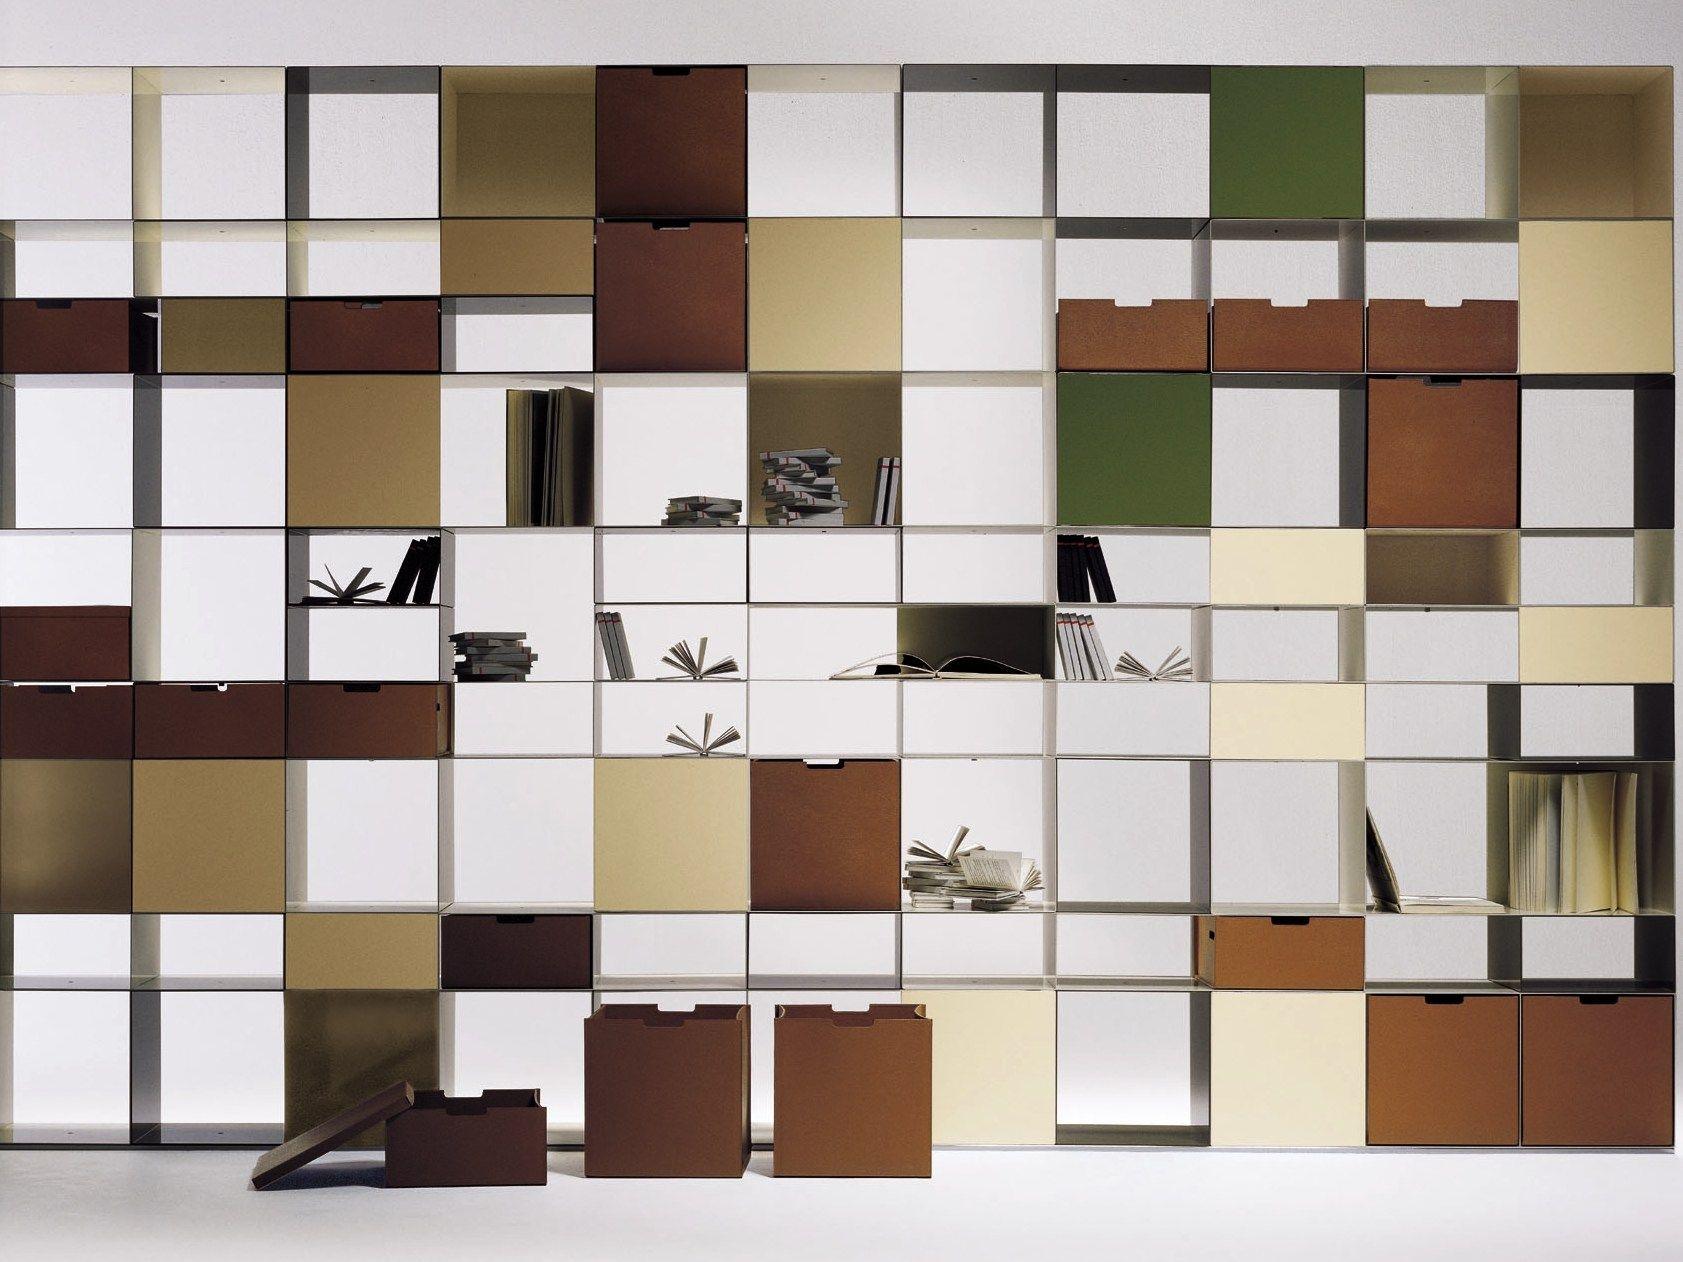 Infinity libreria by flexform design antonio citterio for Scaffalature metalliche ikea